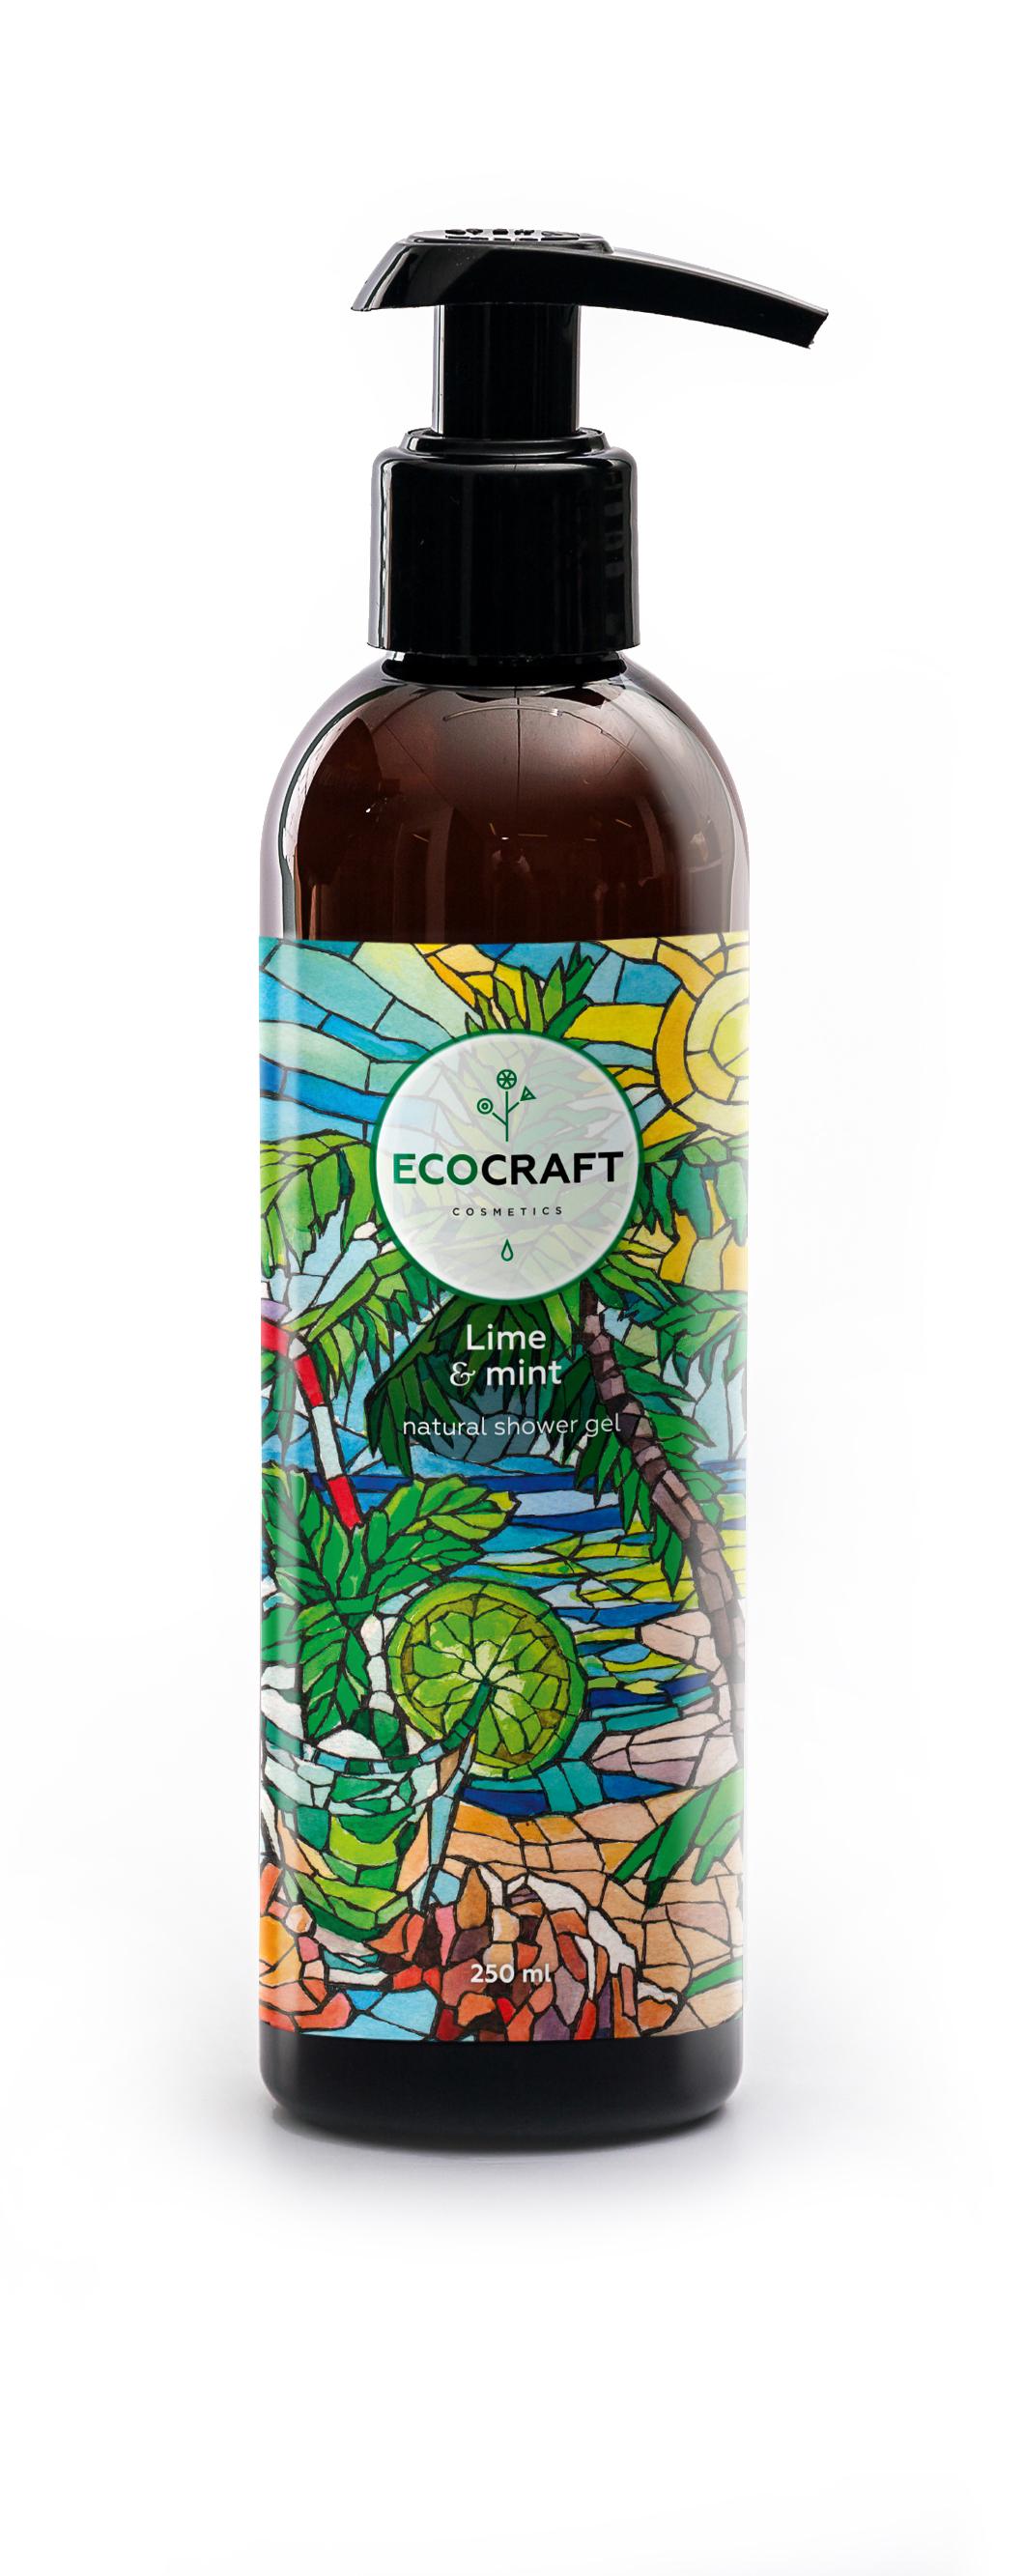 Гель для душа ECOCRAFT Cosmetics Lime and mint Лайм и мята, 250 мл гель для душа ecocraft ecocraft ec007lwcwjc8